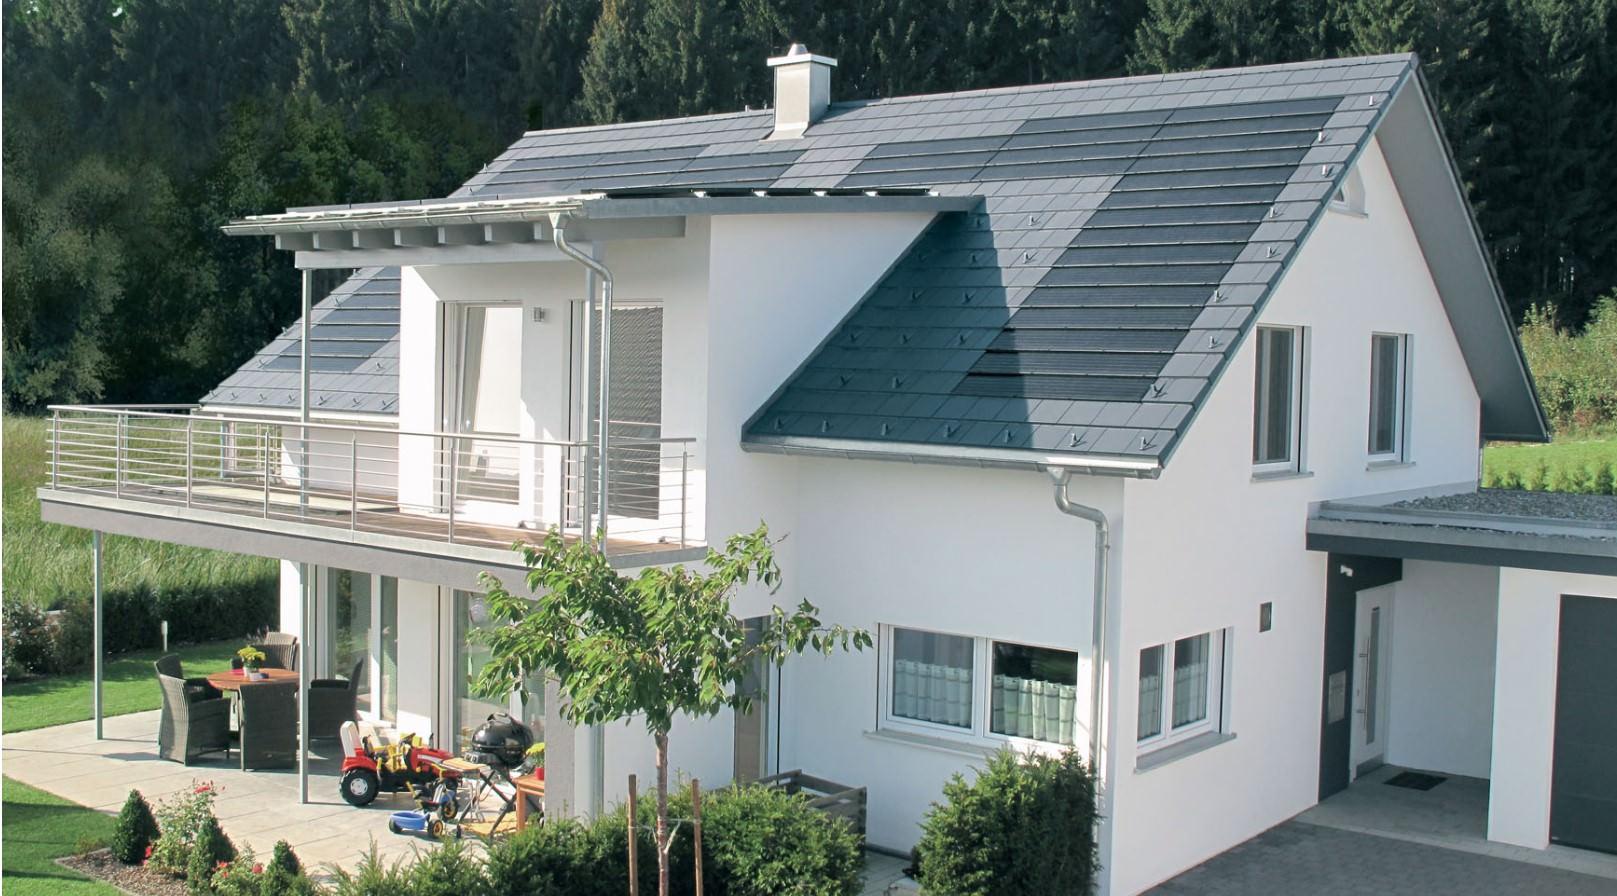 Betondächer haben sich sowohl bei flachen als auch bei geneigten Dächern bewährt.